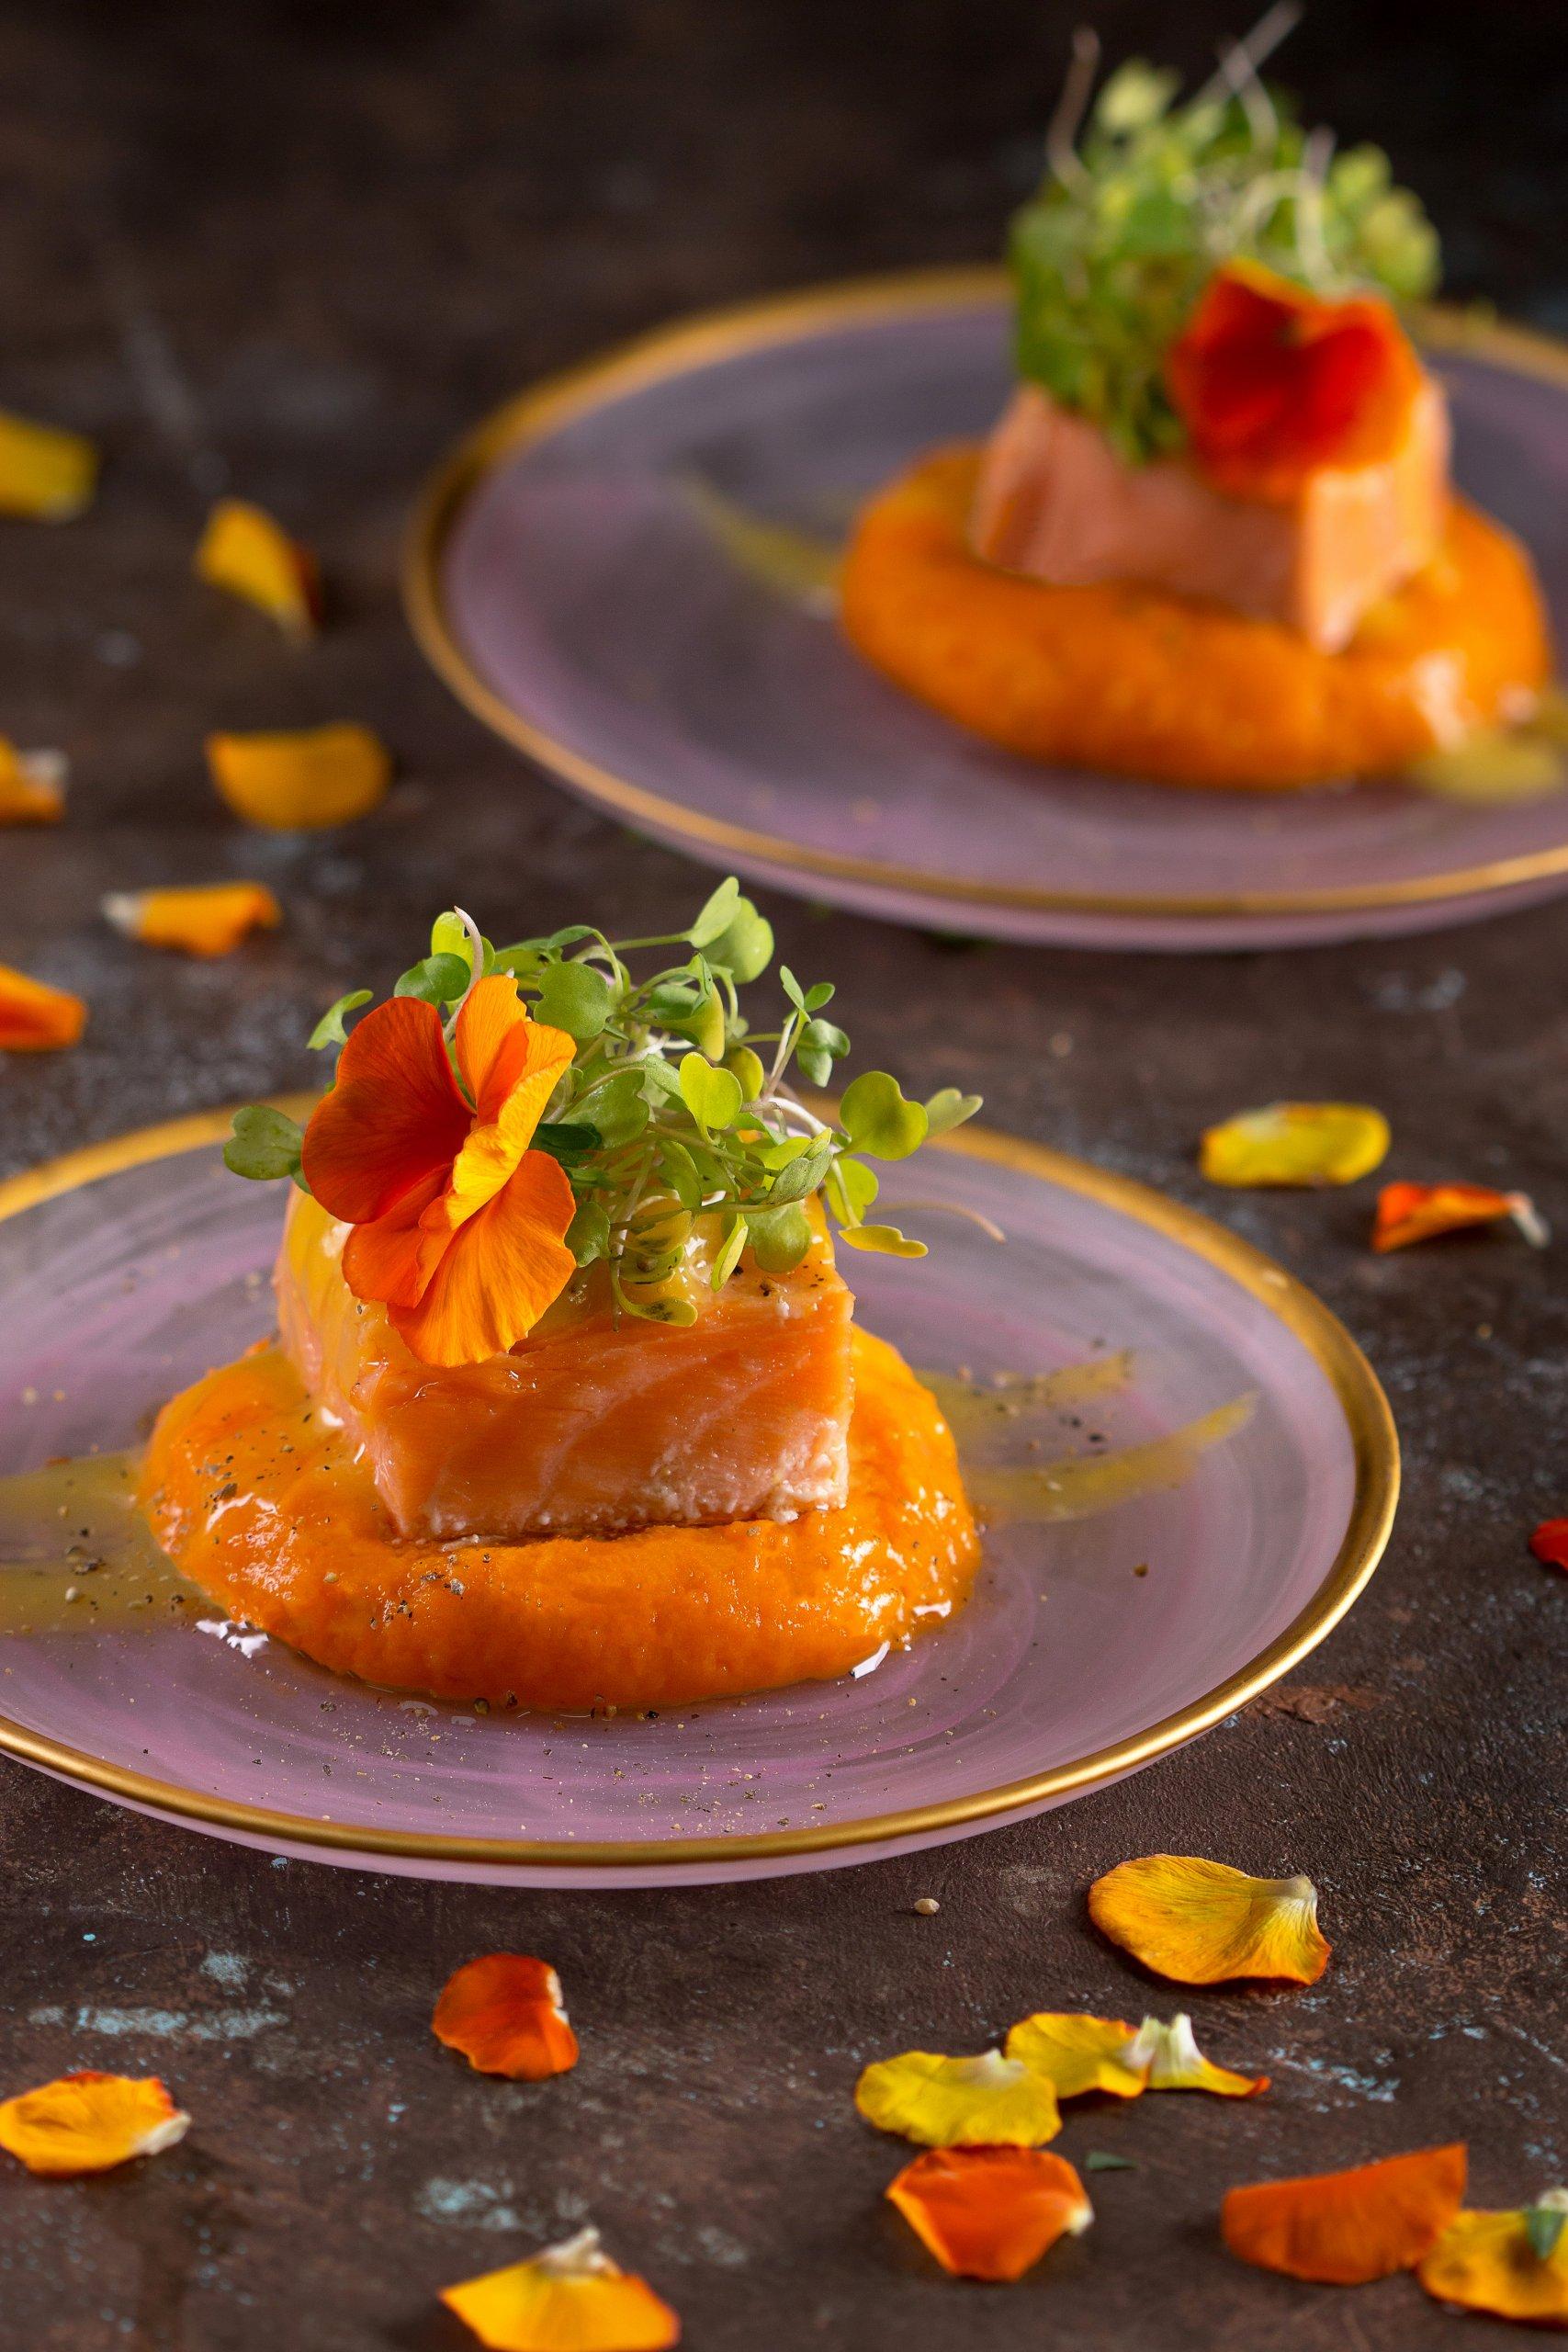 סלמון בבשמל תפוזים על מצע פירה בטטות